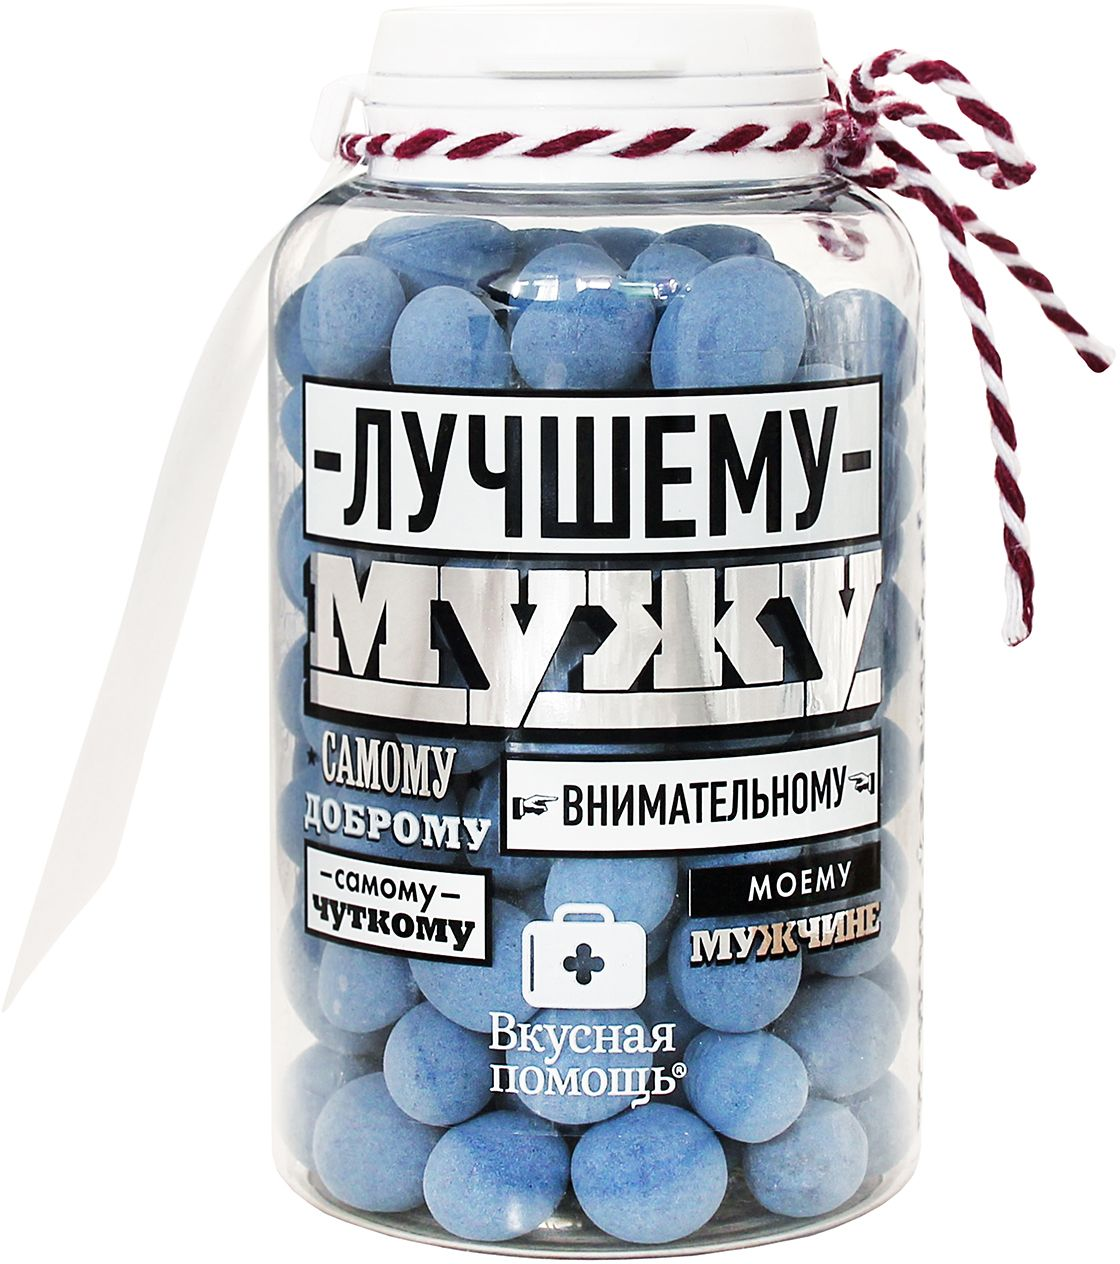 Вкусная помощь конфеты Для любимого мужа, 215 г вкусная помощь конфеты моей маме 178 г